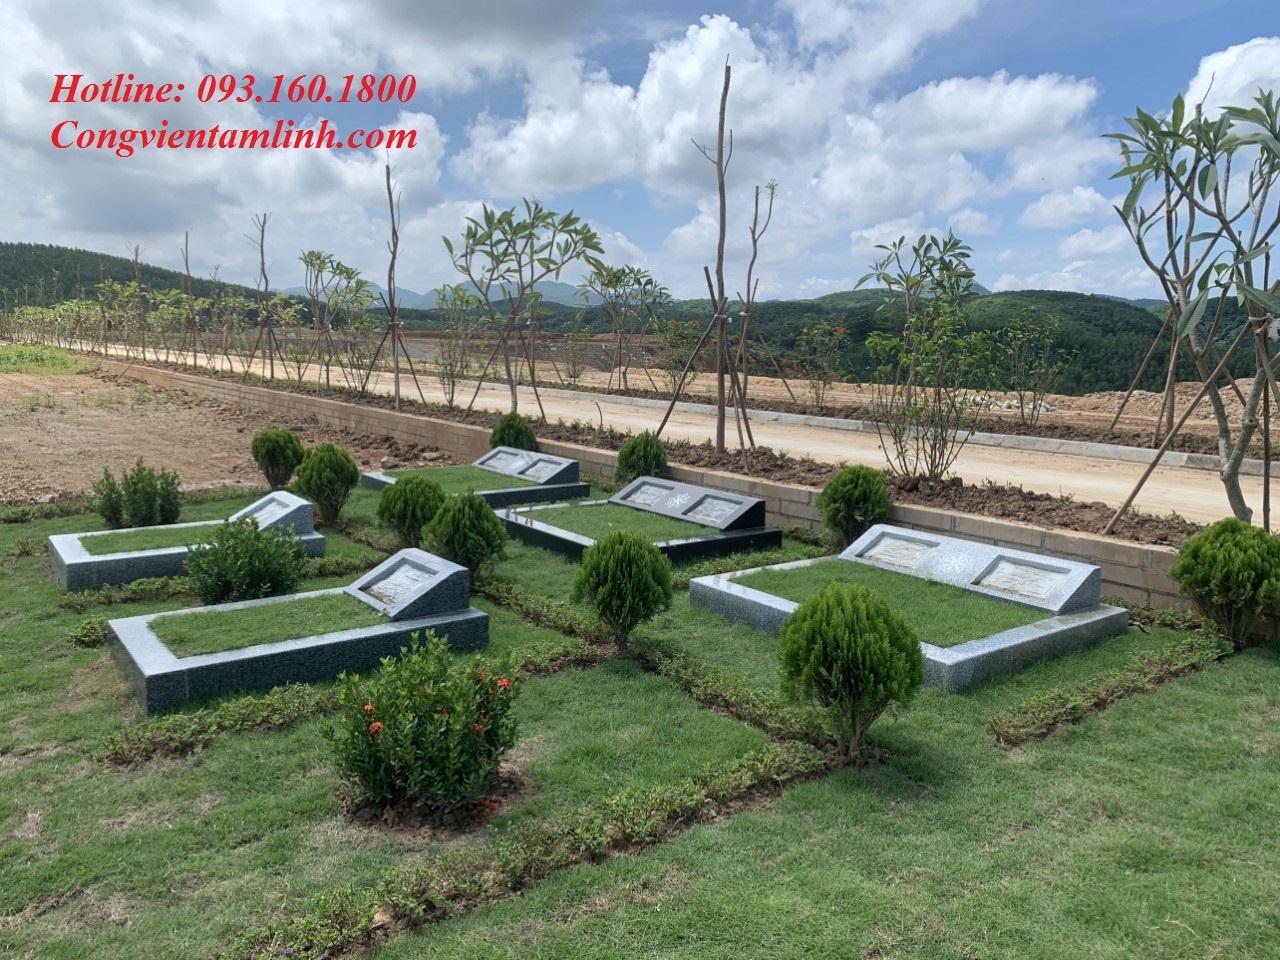 Giá đất mộ đơn - Đôi Nghĩa Trang Lạc Hồng Viên rất hợp lý